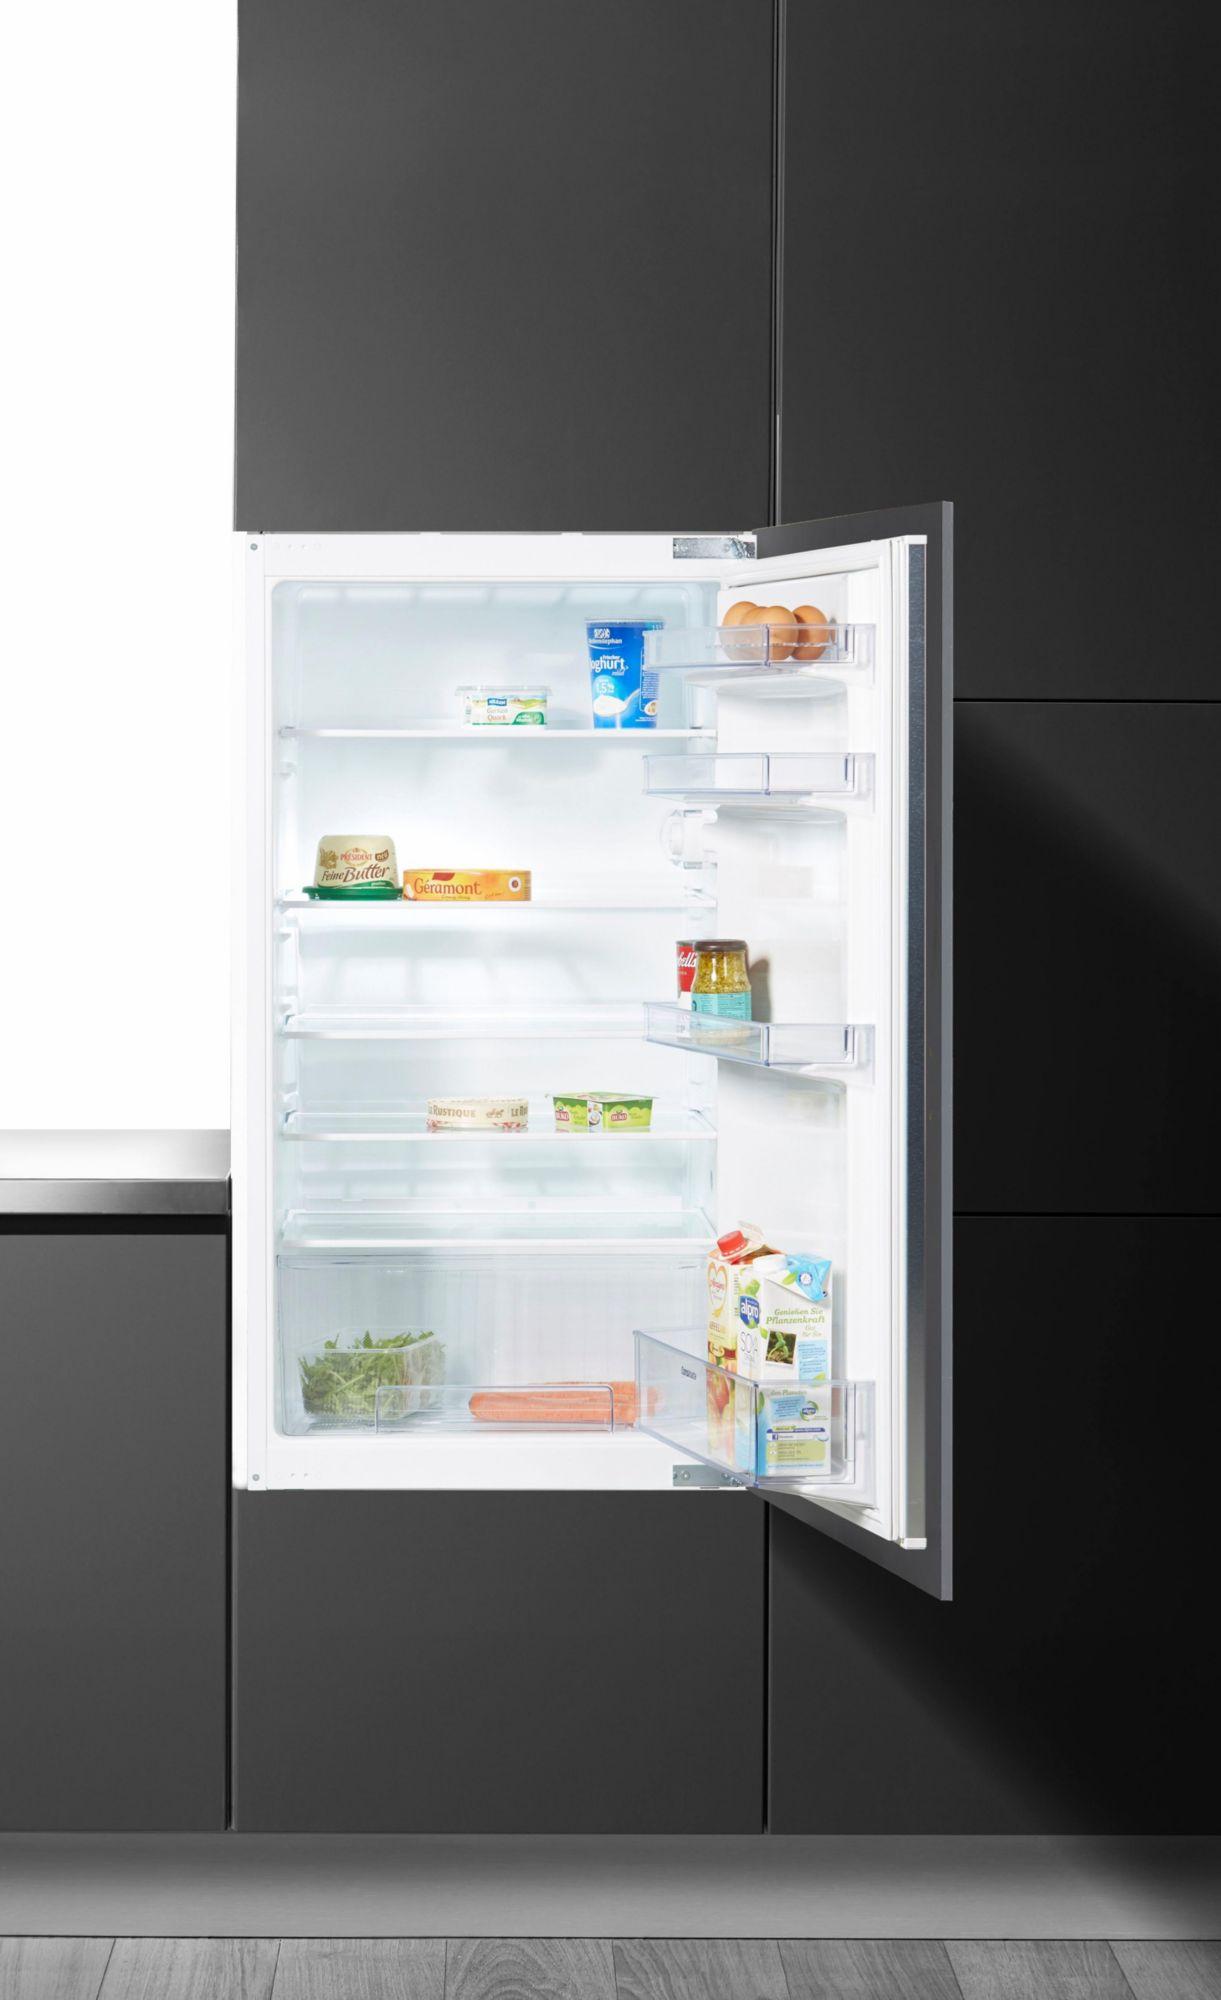 CONSTRUCTA Constructa Integrierbarer Einbaukühlschrank CK60330, Energieklasse A++, 102,1 cm hoch